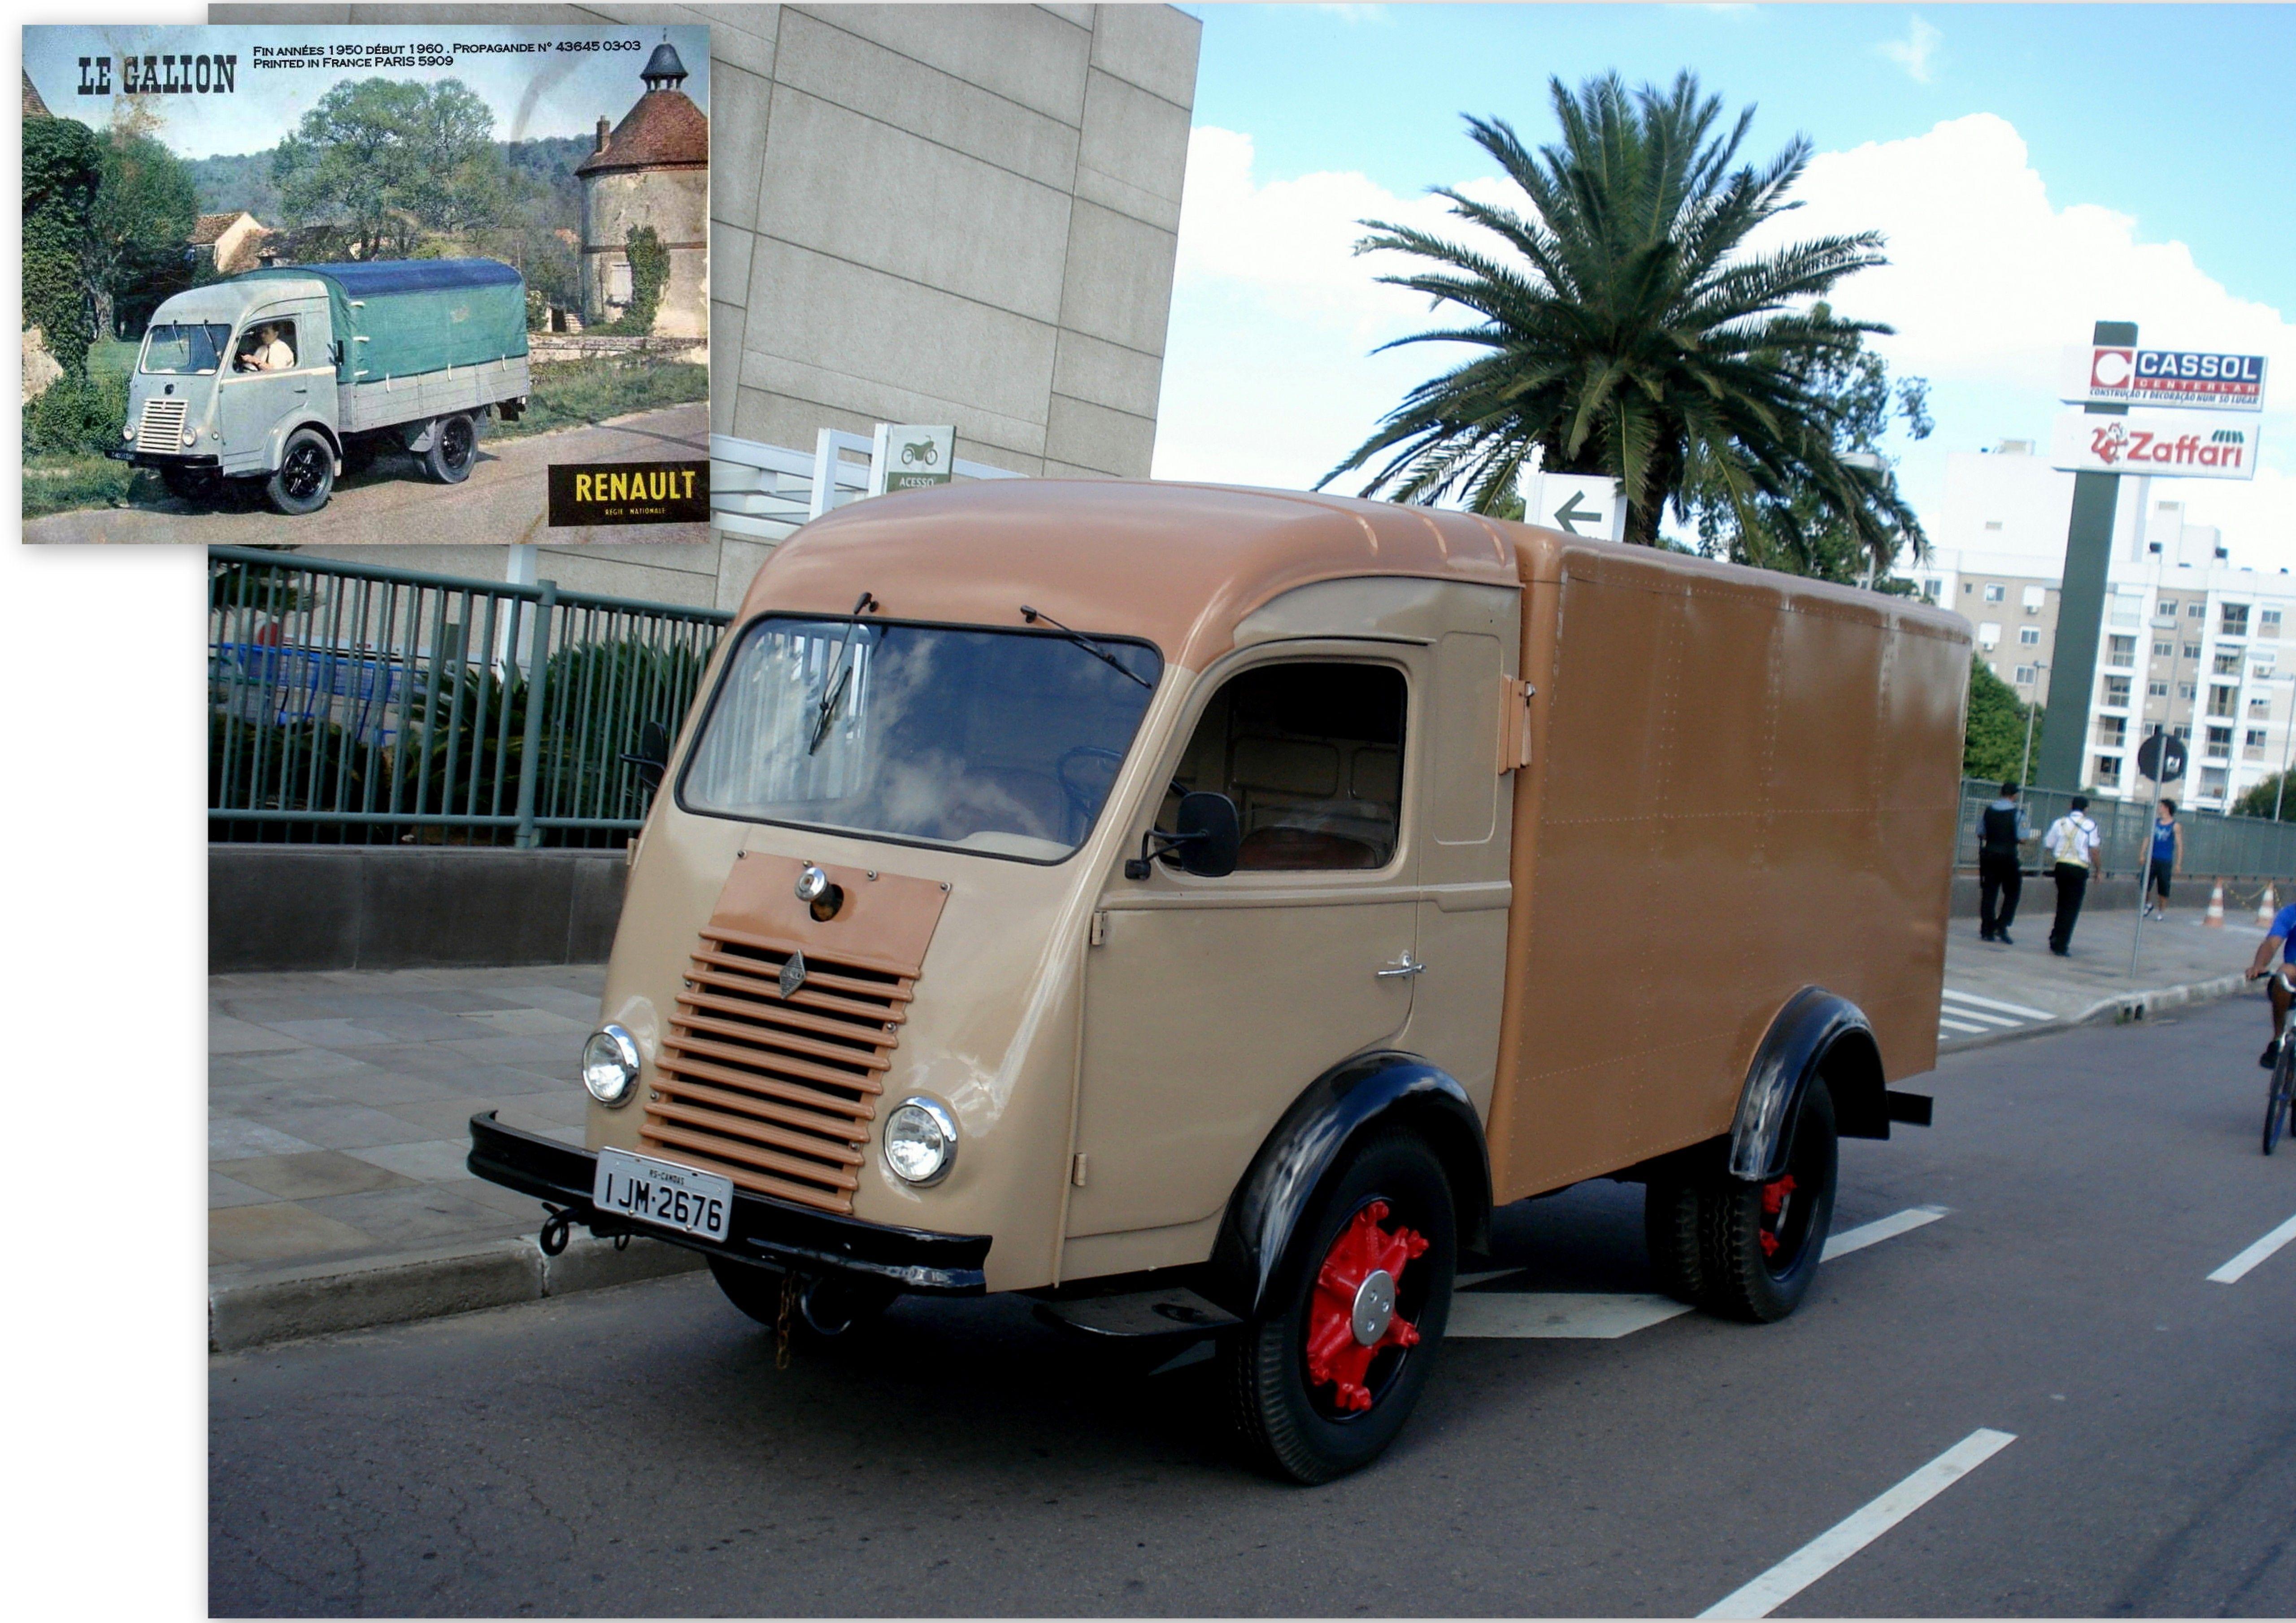 renault vans france